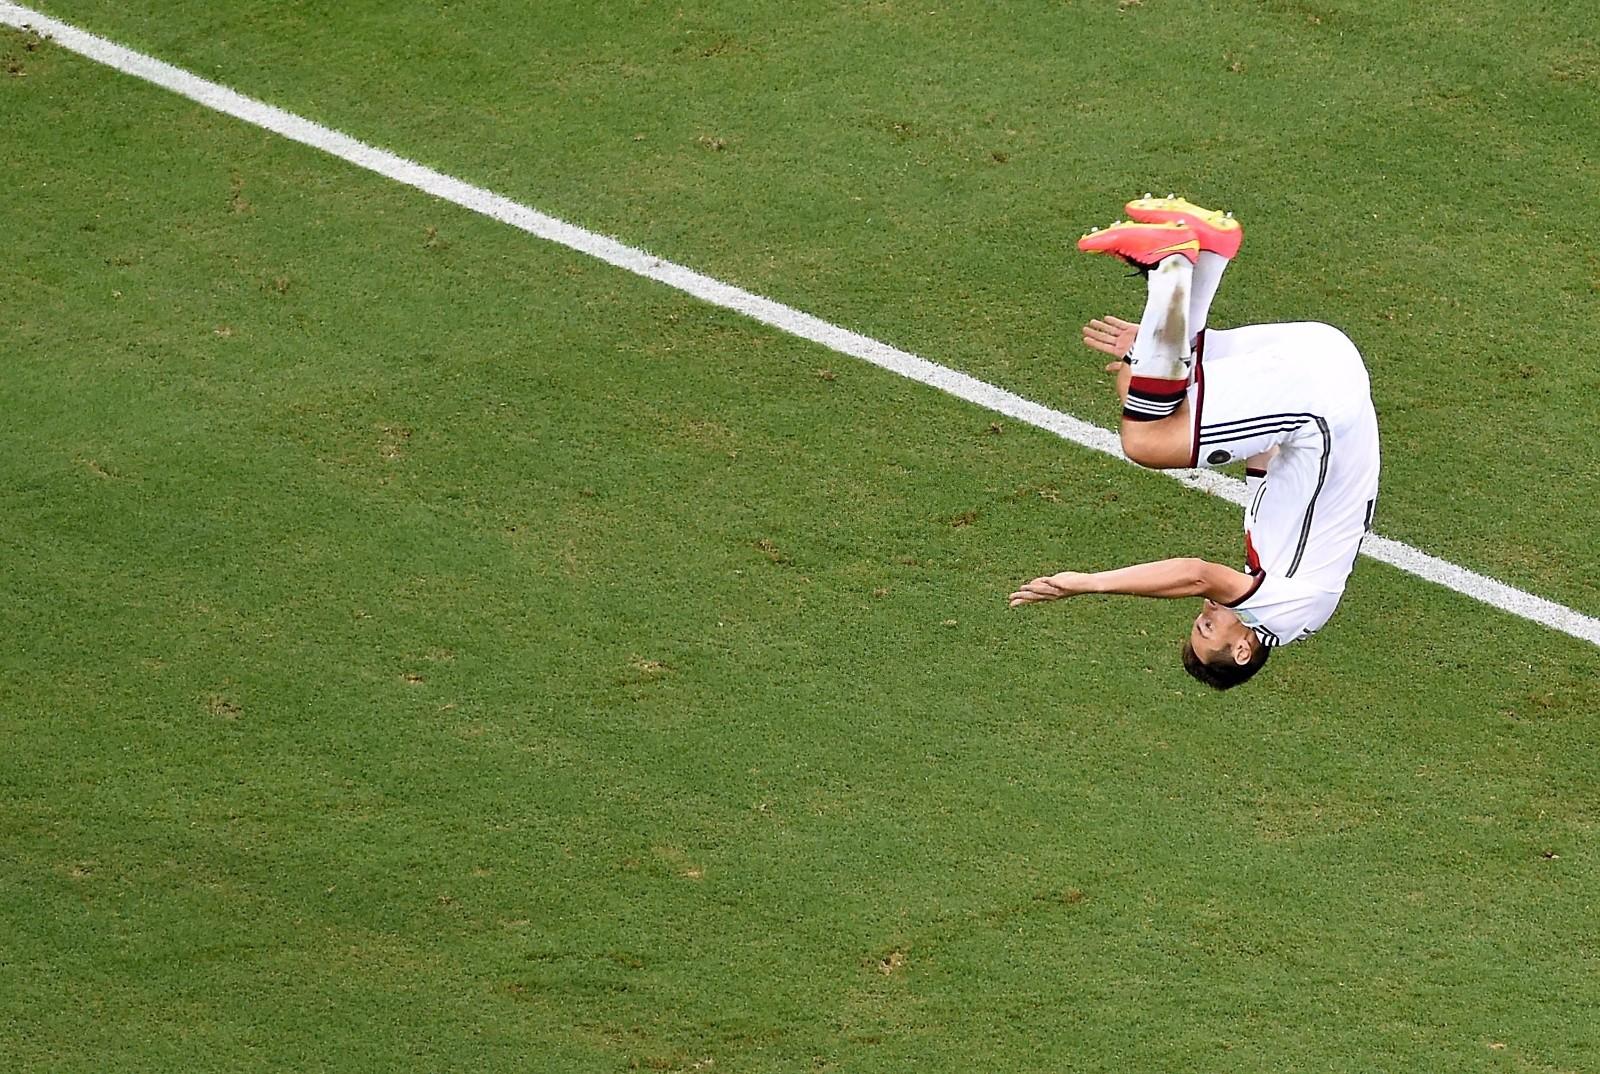 2014年巴西世界杯,克洛泽攻入个人世界杯第16个进球,从而以一个球的优势超越罗纳尔多,成为世界杯历史上进球最多的球员。2016年11月1日克洛泽宣布退役,他标志性的空翻庆祝也成为绝唱。\\\\r\\\\n图为2014年6月21日,克洛泽在巴西世界杯对阵加纳队的比赛中进球后空翻庆祝。